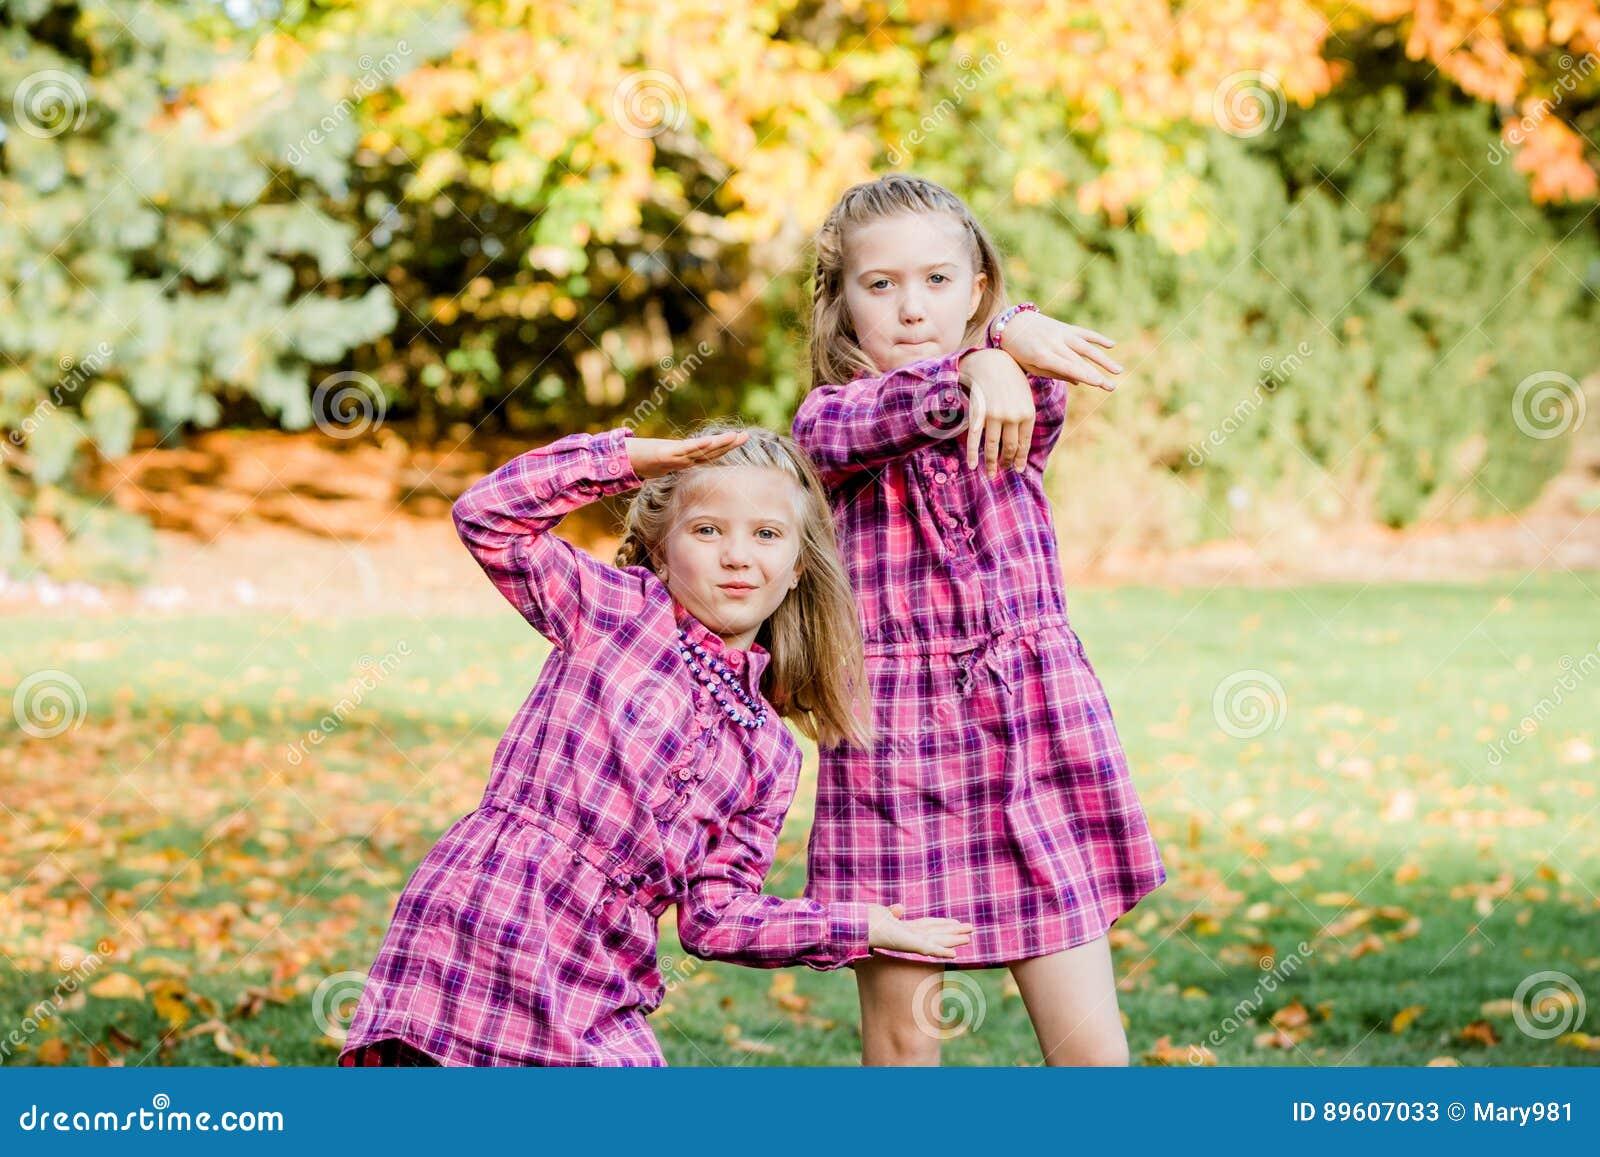 Deux jeunes soeurs caucasiennes frappent une pose en assortissant les robes roses de flanelle